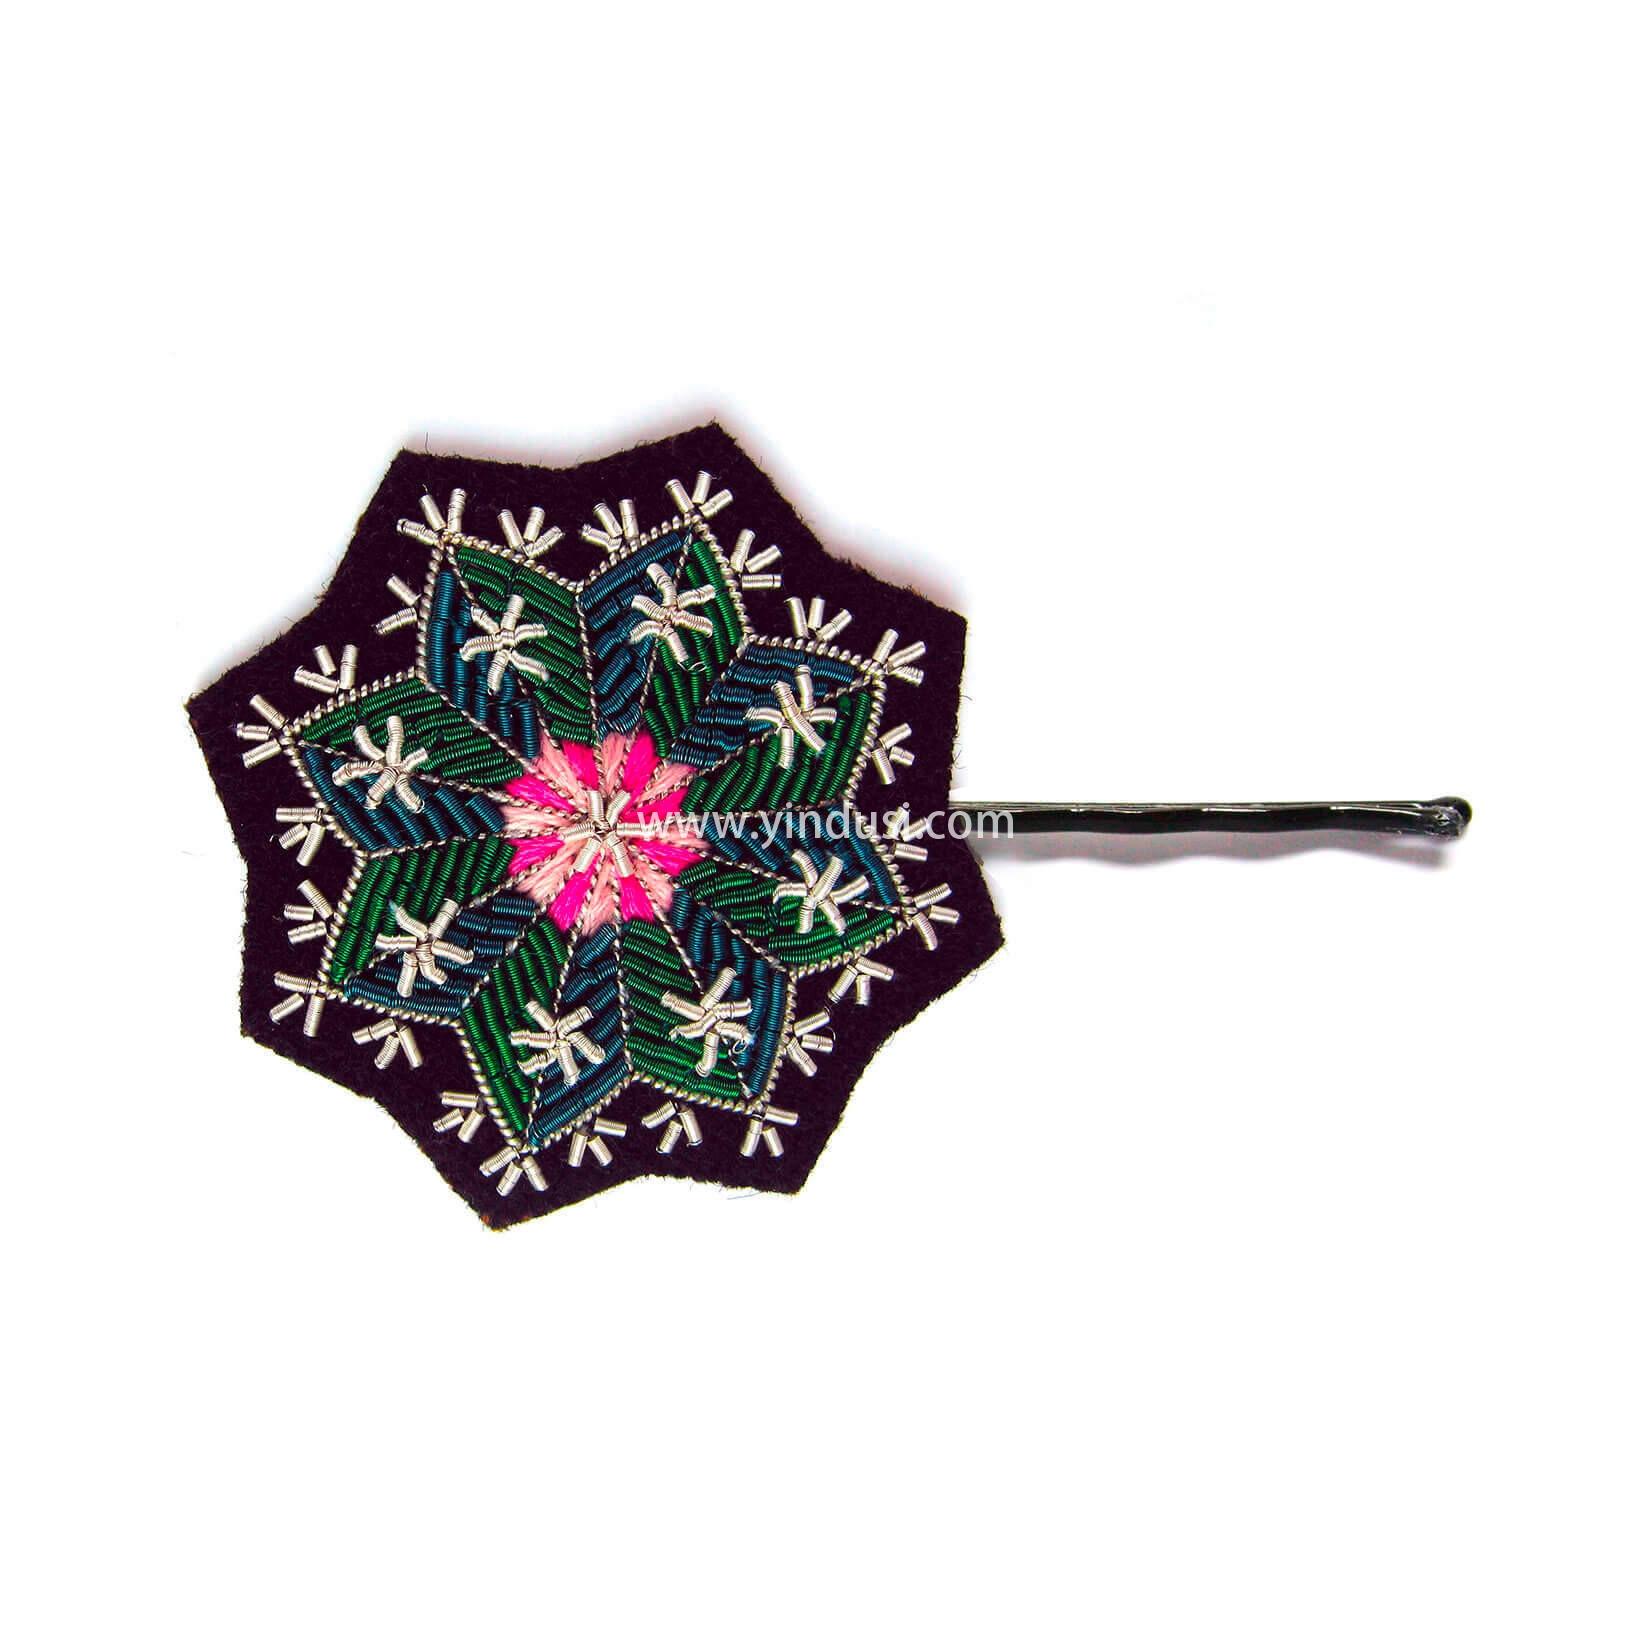 印度丝徽章工厂定制手工刺绣金属丝雪花胸针发夹头饰,仙人掌花在您的头发中……